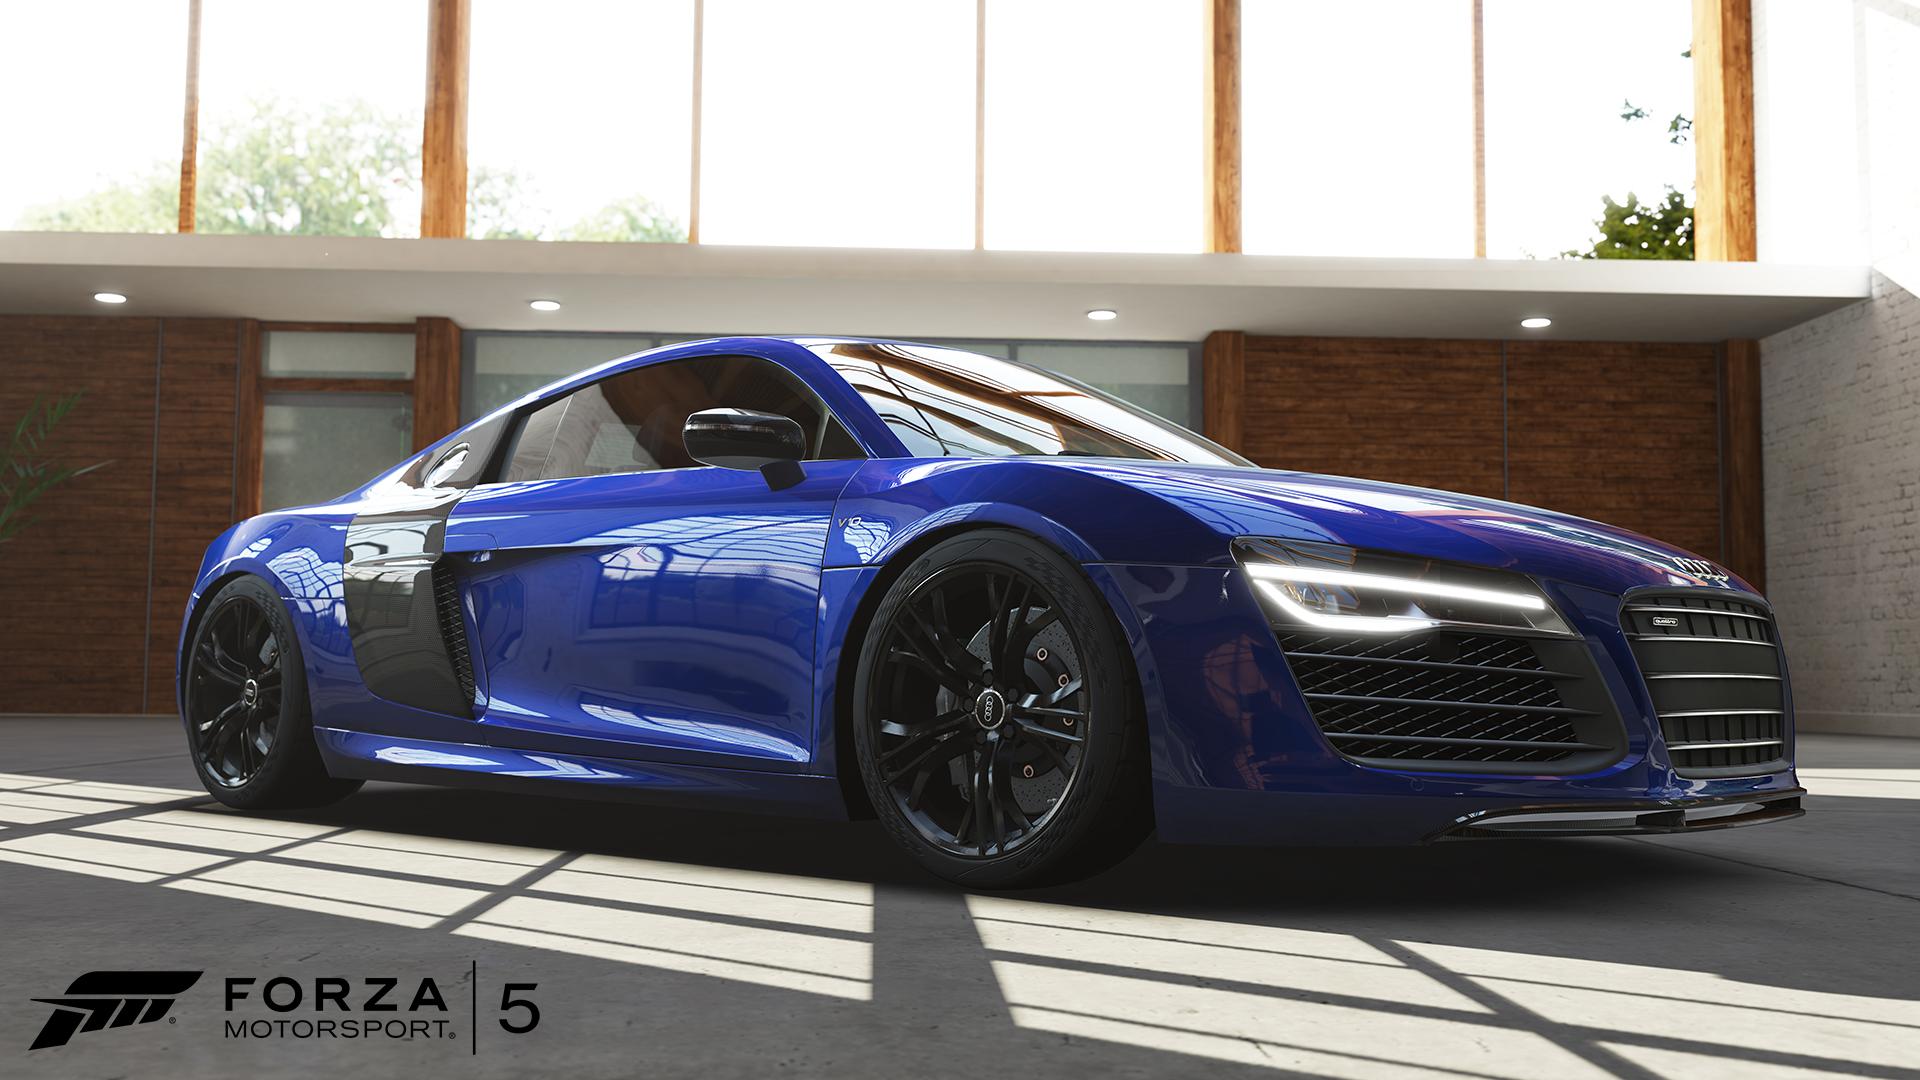 Forza5 CarReveal R8V10plus WM 1920x1080